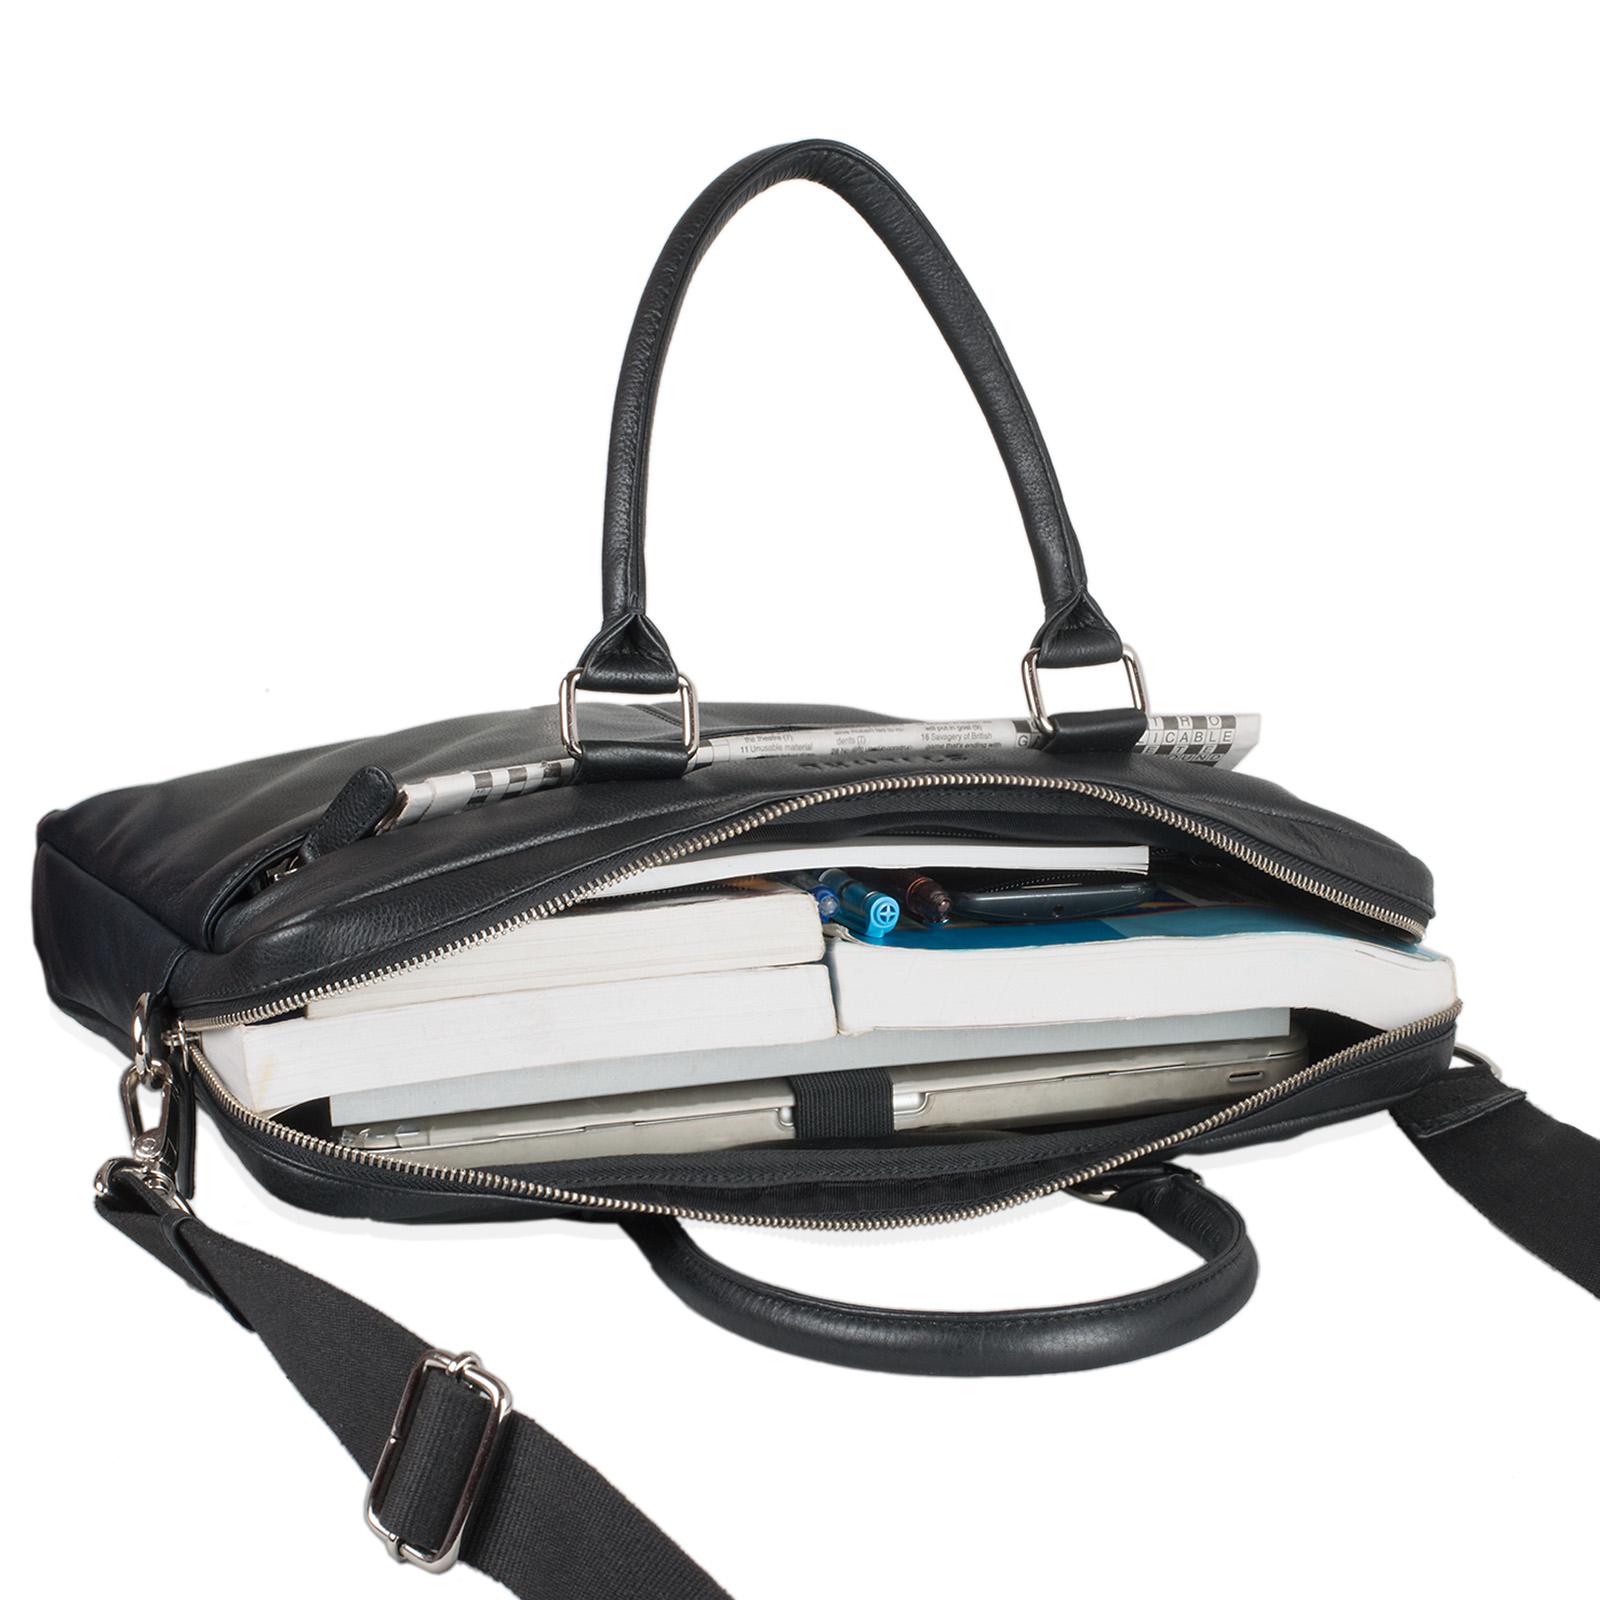 """STILORD """"Emilio"""" Umhängetasche Leder Vintage groß Schultertasche elegante Handtasche für Büro Business Arbeit Laptop 13.3 Zoll Aktentasche DIN A4 - Bild 11"""